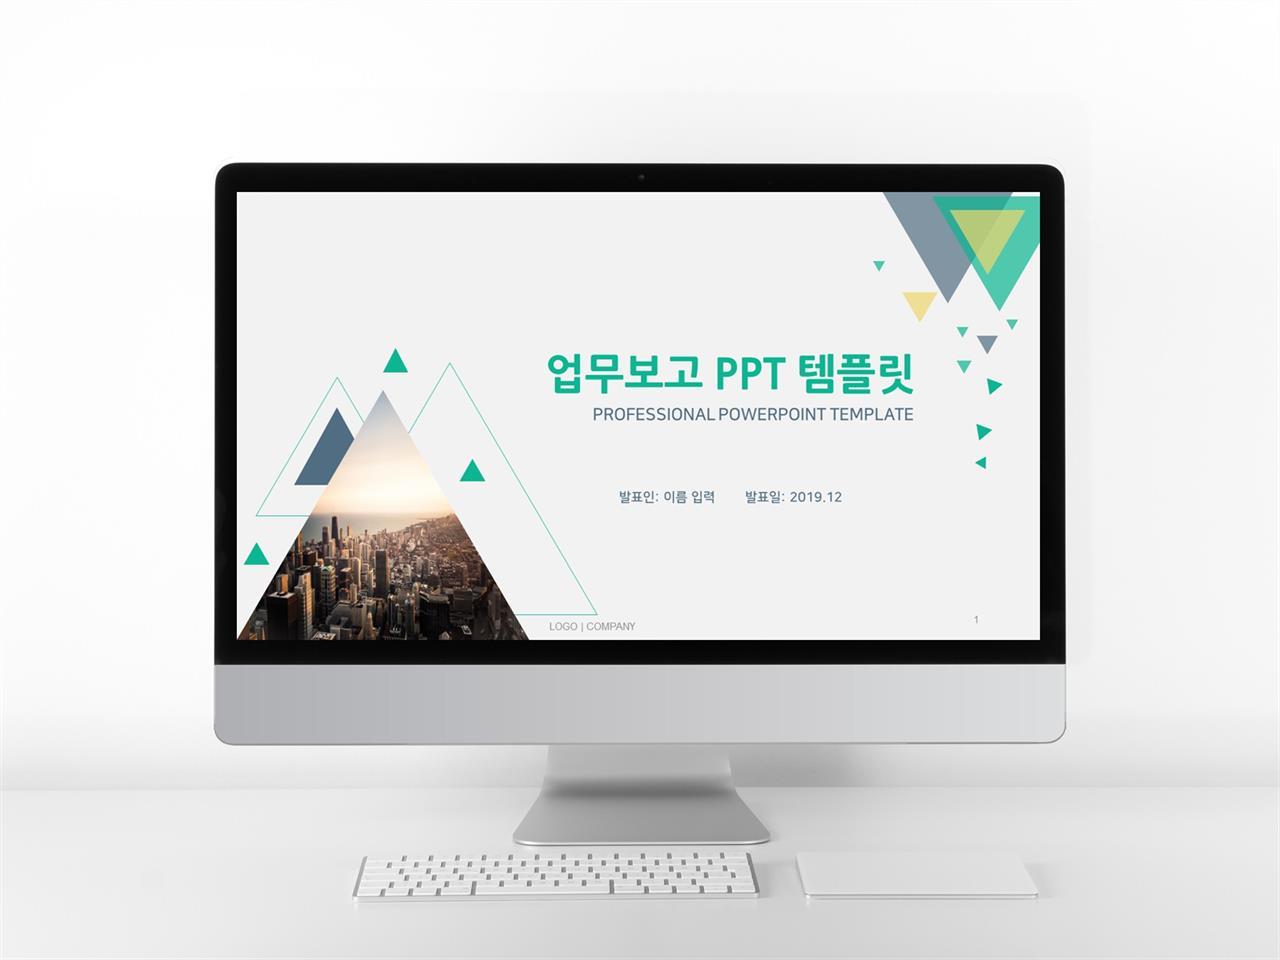 업무일지 초록색 화려한 고급스럽운 POWERPOINT테마 사이트 미리보기